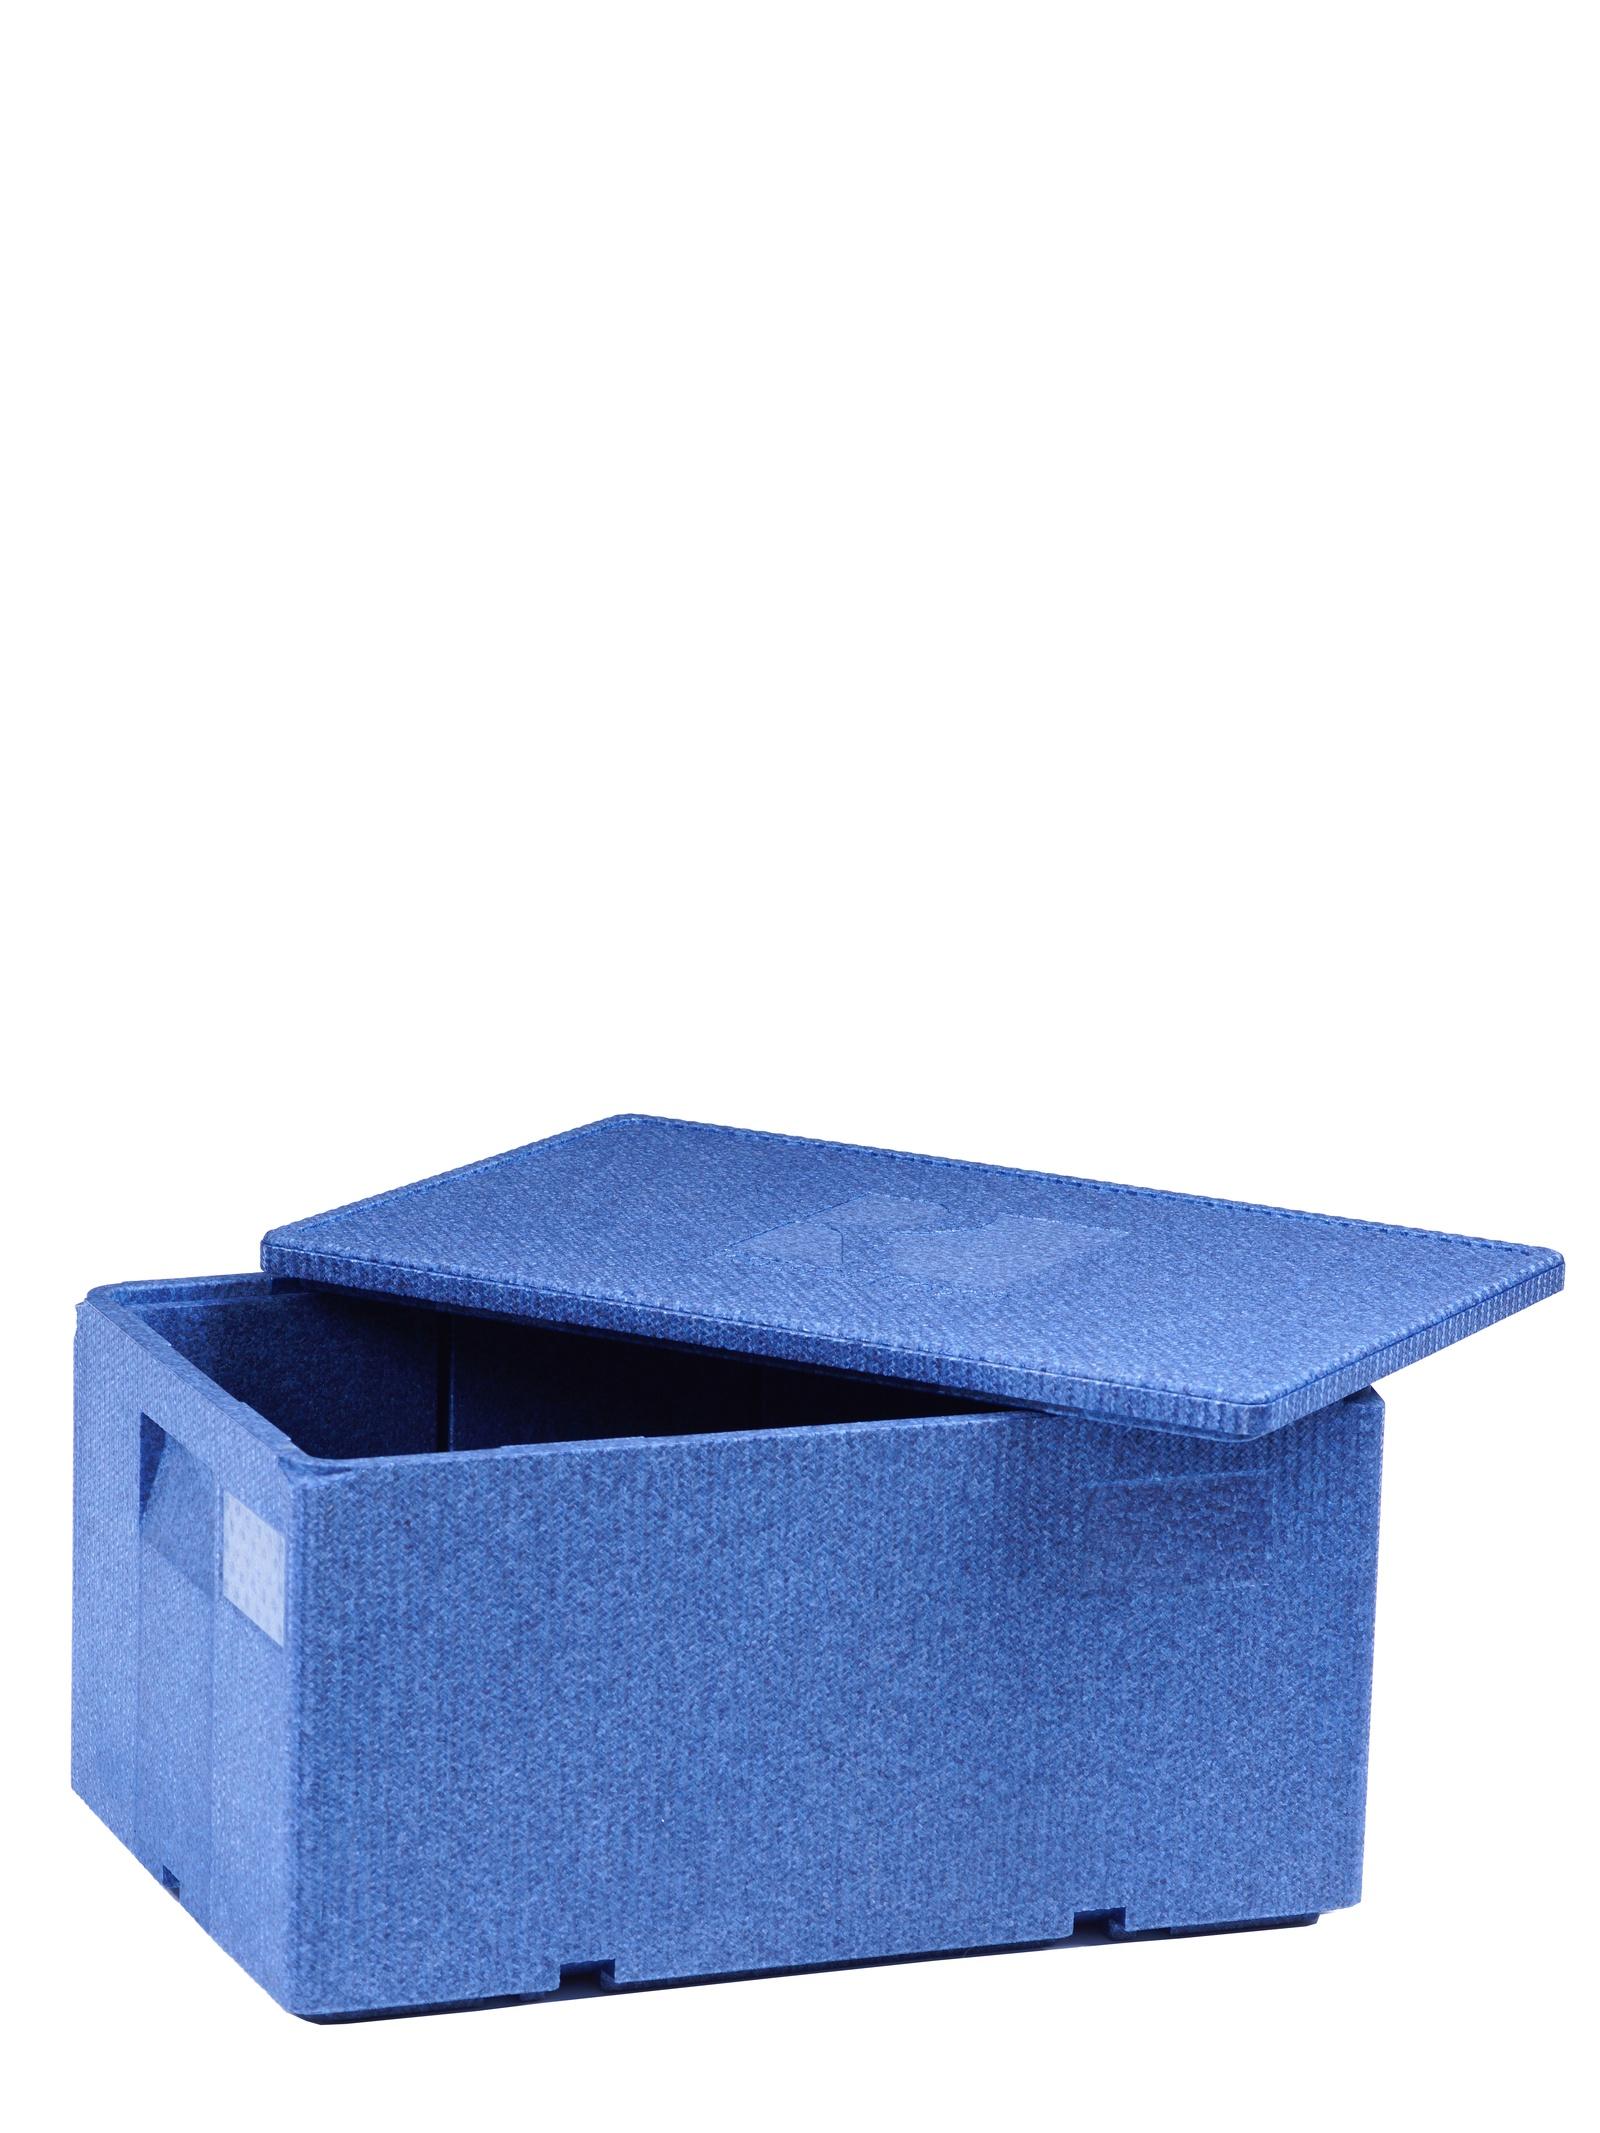 Изотермический контейнер Royal Box Unique синий, 49л